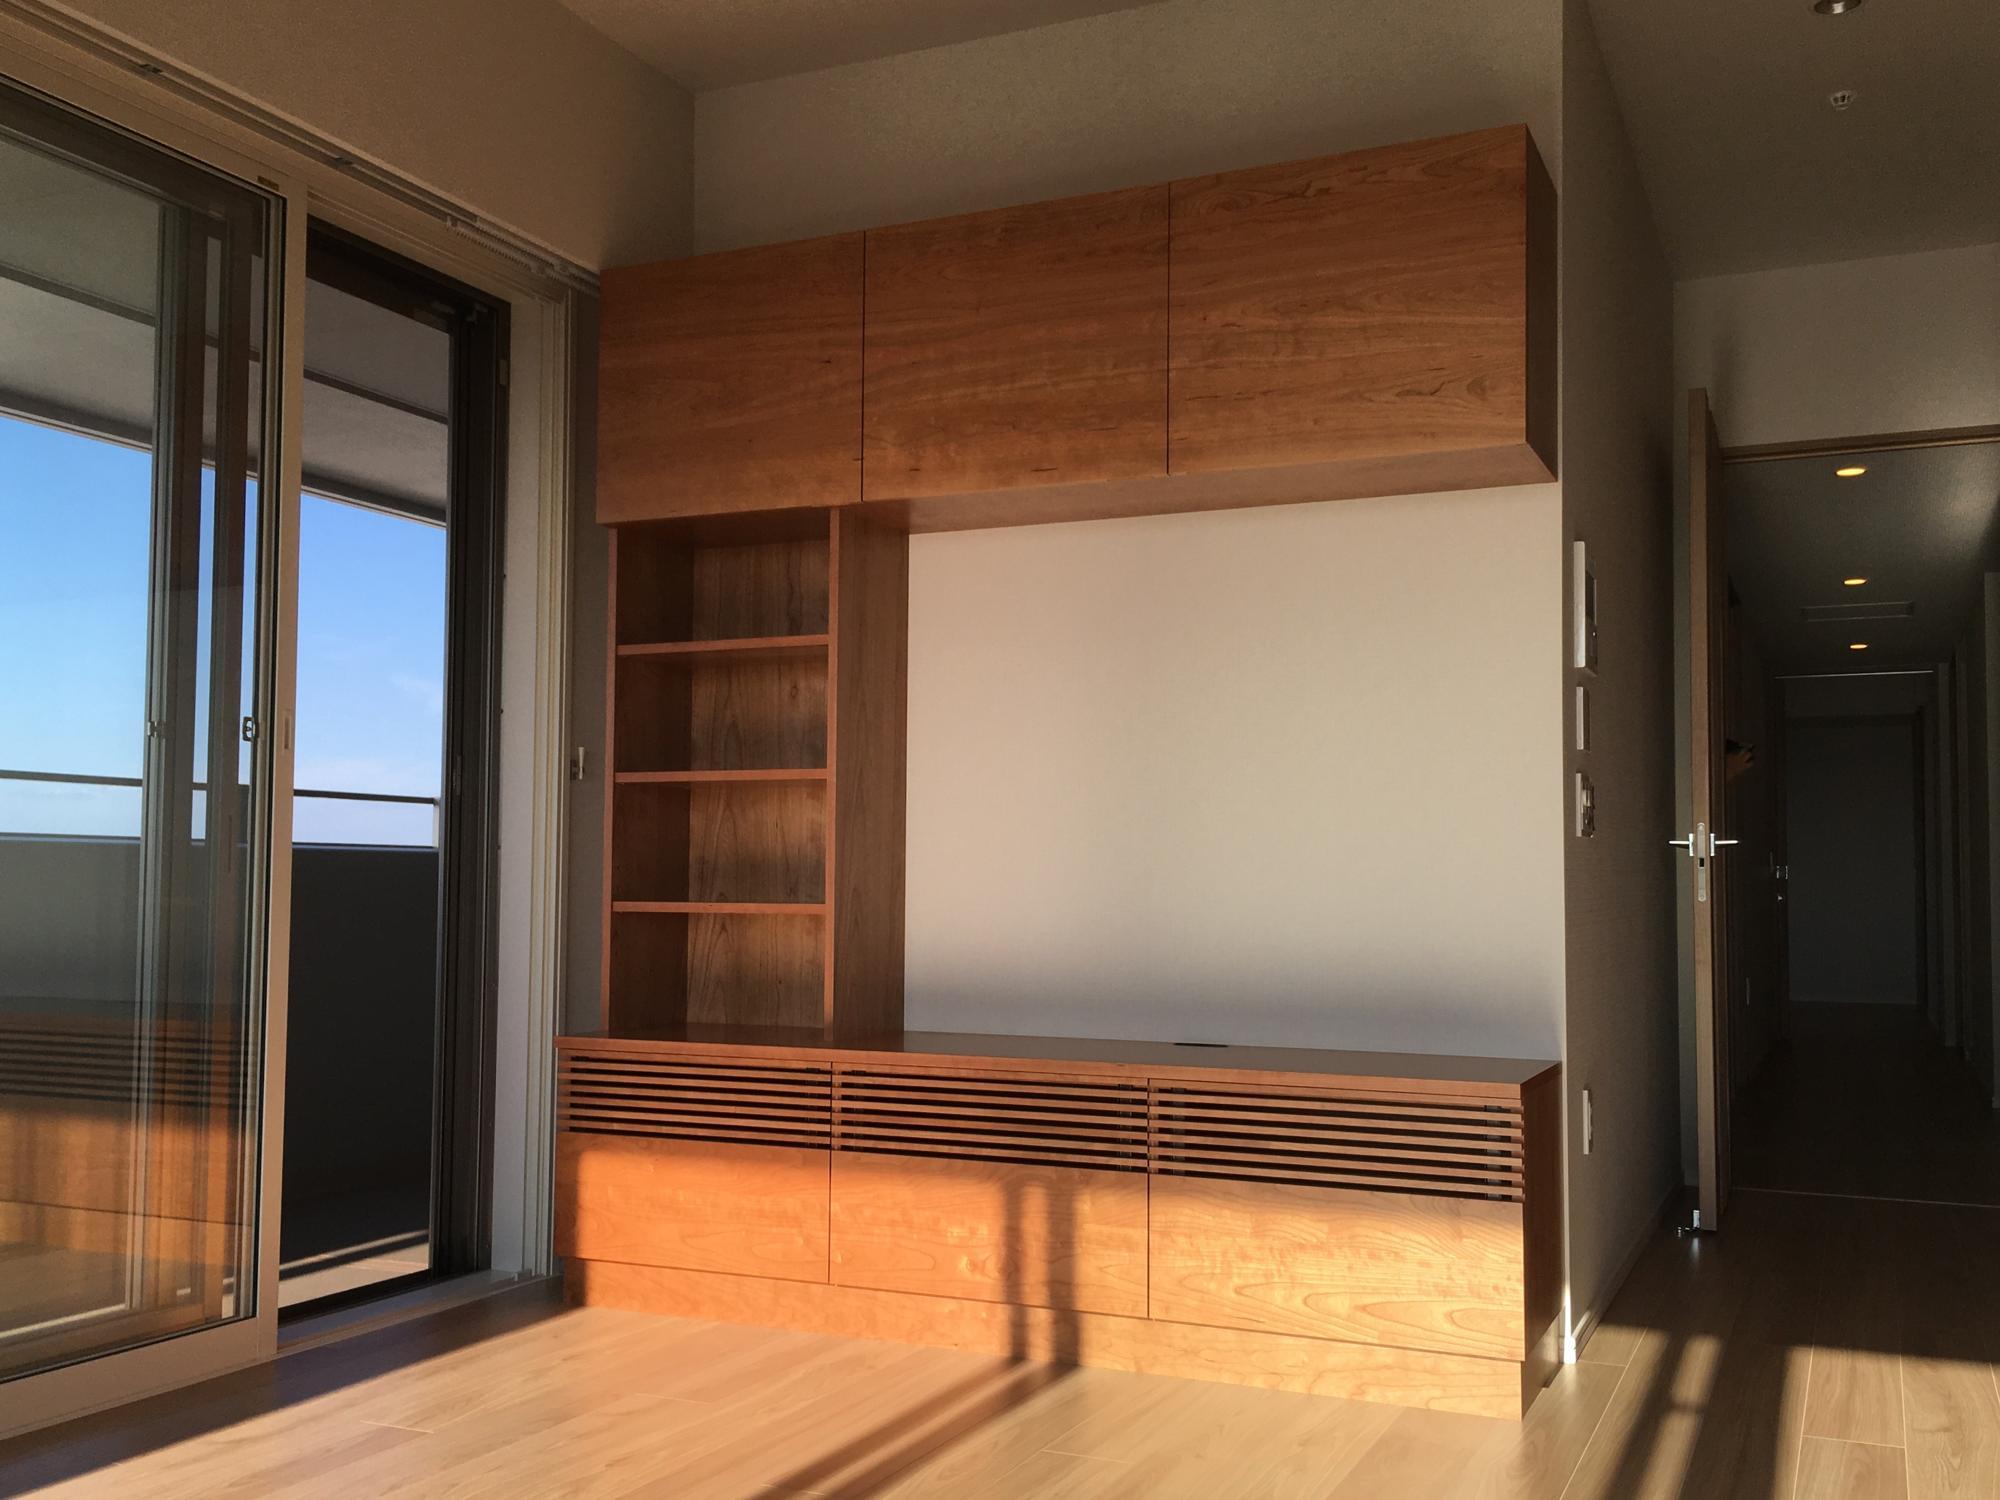 テレビボード 壁面収納 チェリー 格子 ルーバー 無垢材